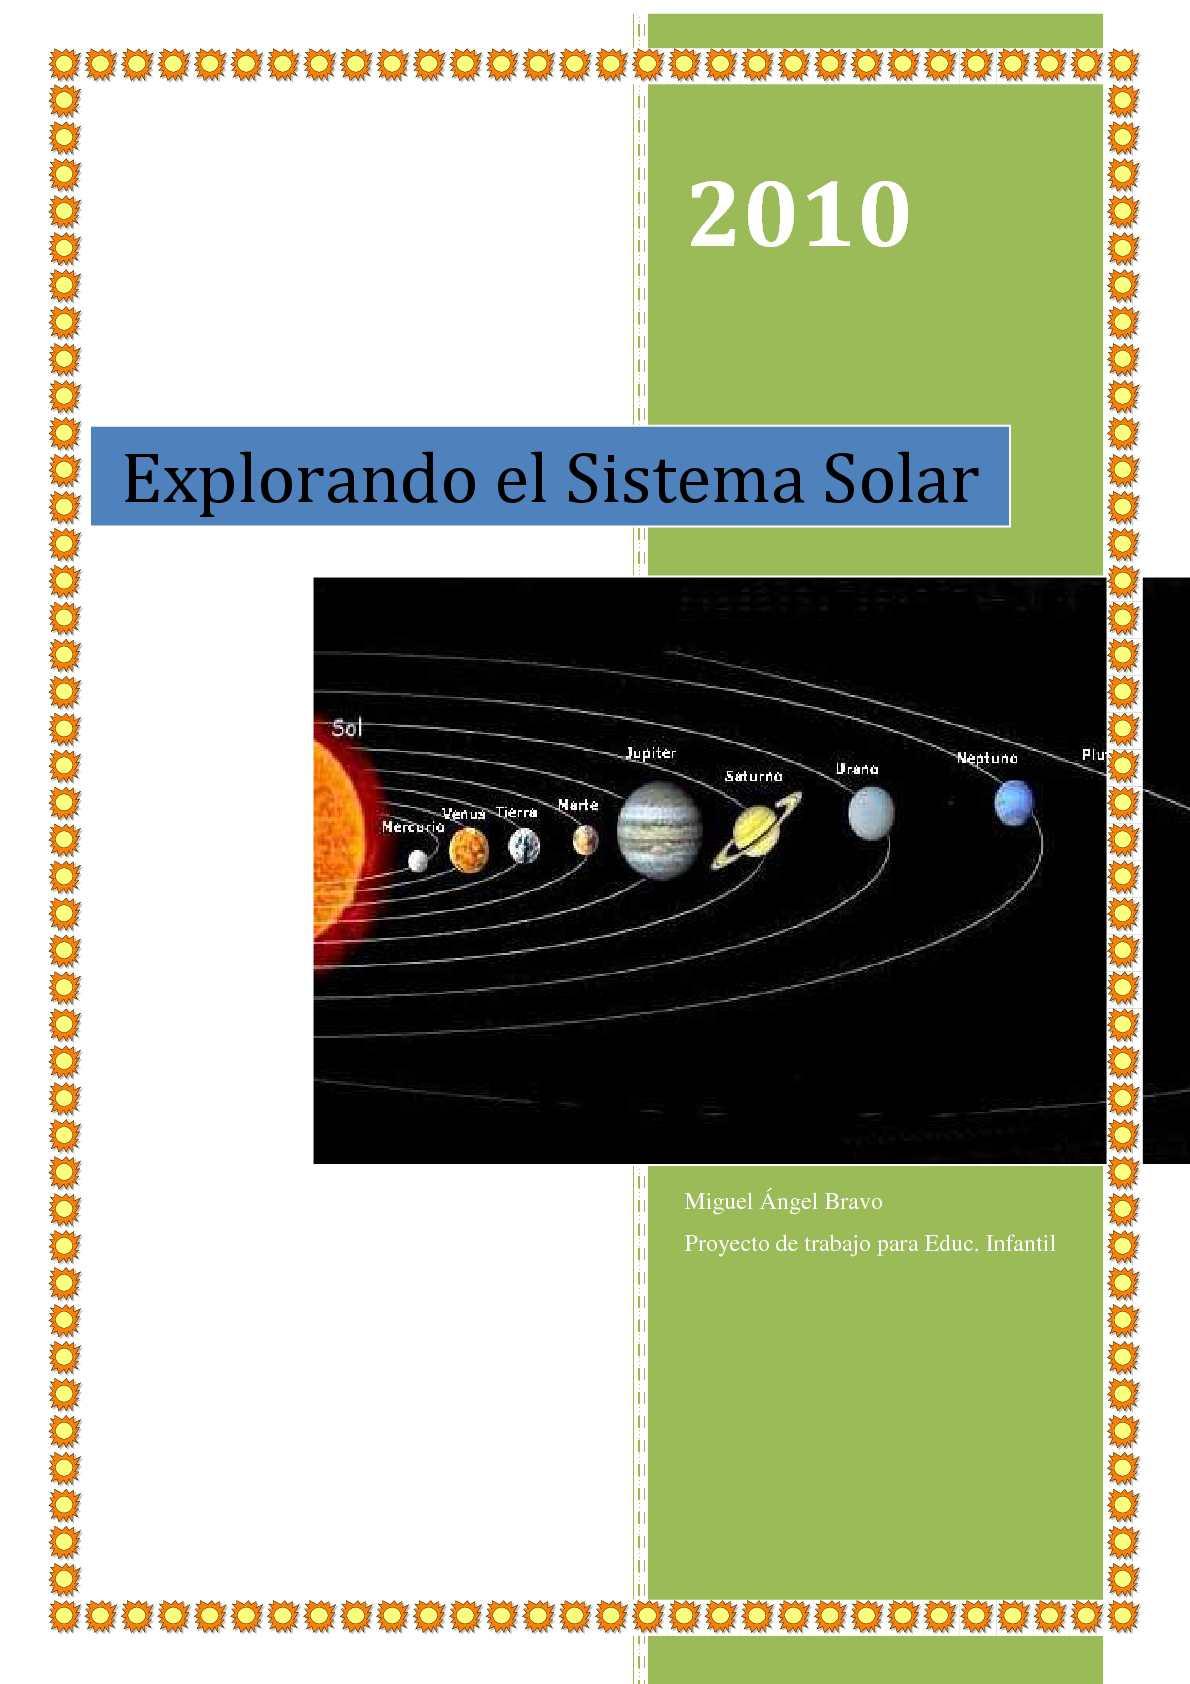 Calaméo - Sistema Solar y sus planetas. Proyecto para Educación Infantil